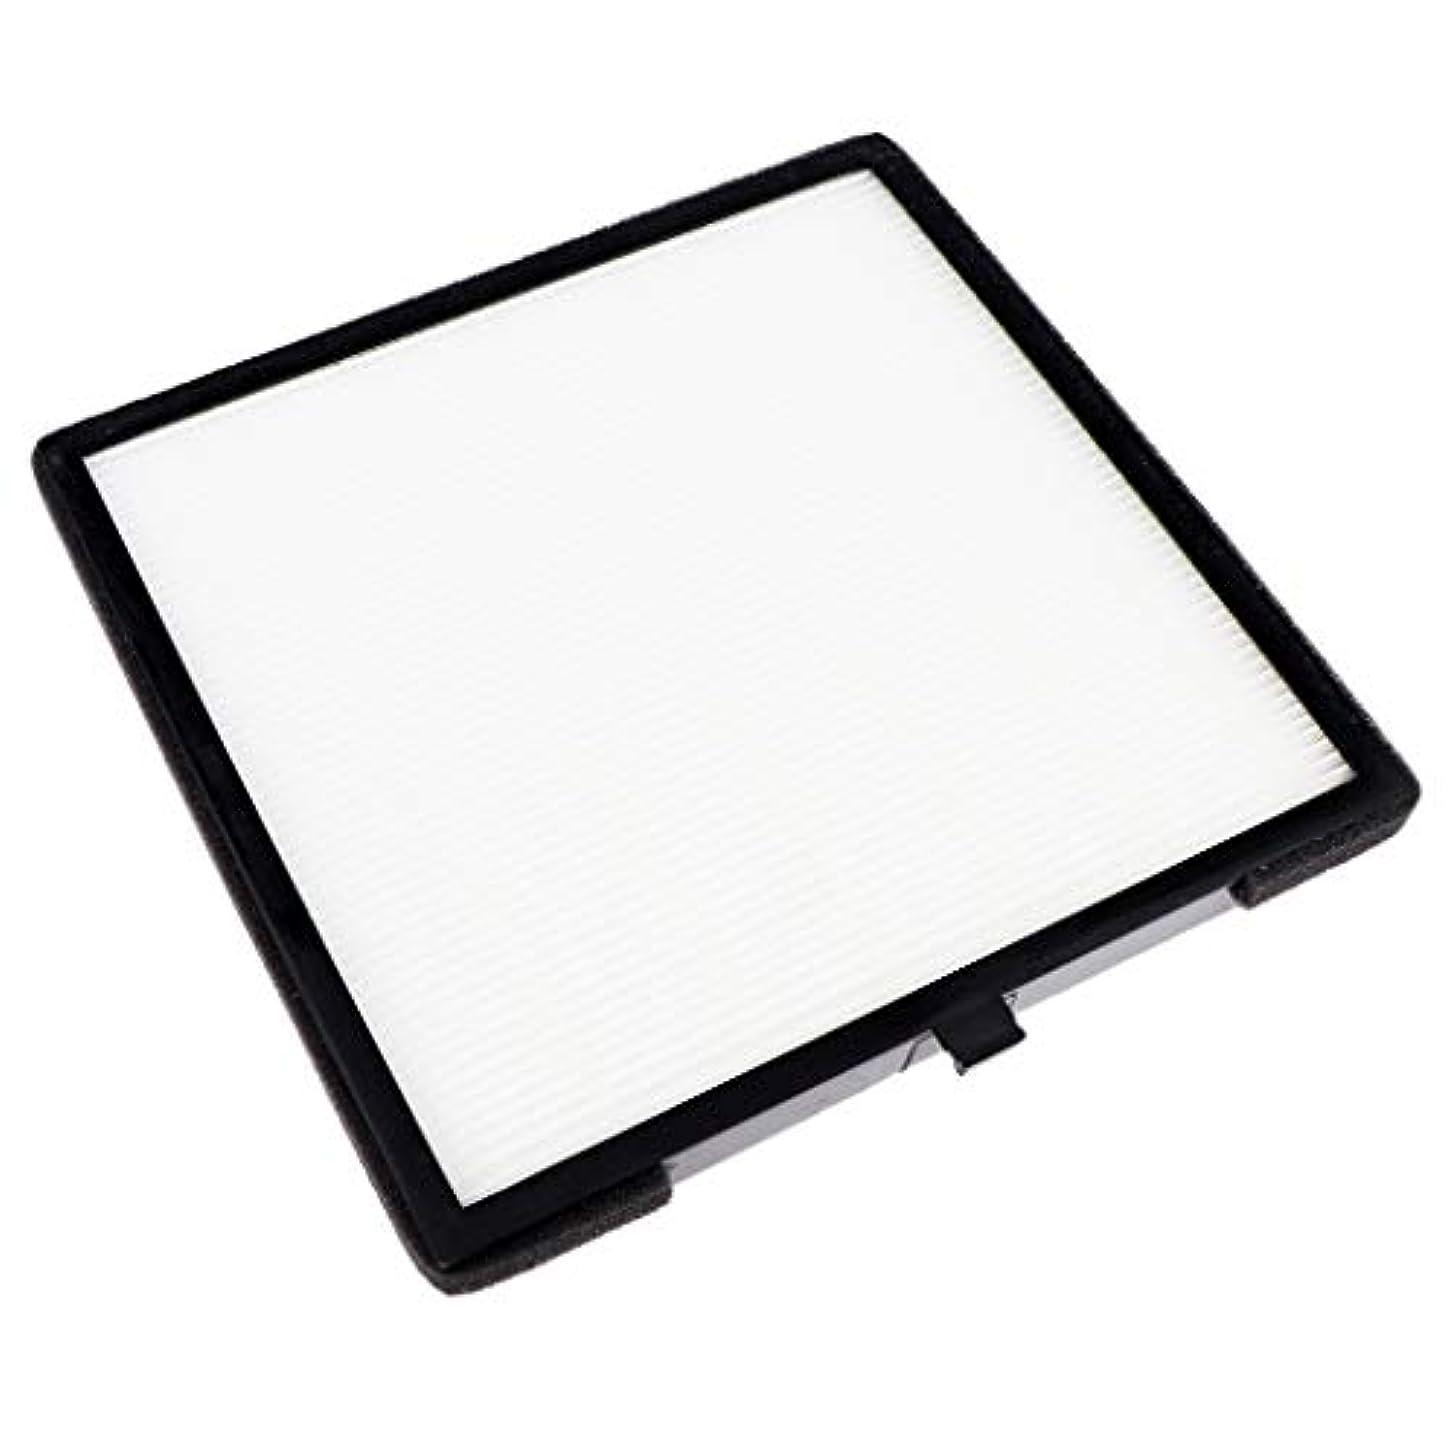 ローストシーケンス確立F Fityle ネイル ダストコレクター フィルター スクリーン DIY ネイルアート 集塵機フィルター